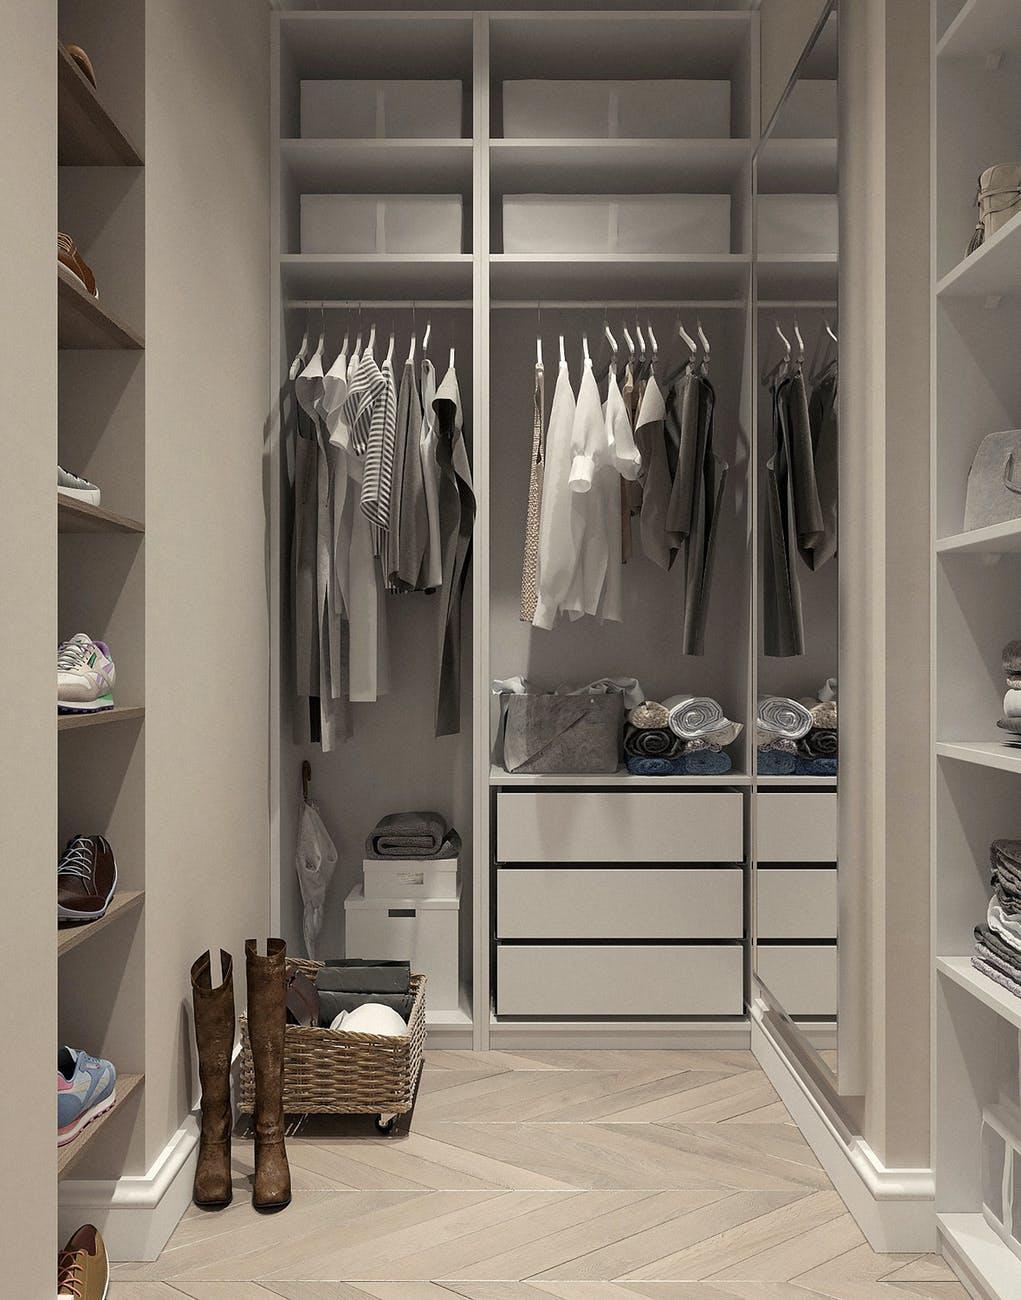 oblečení ve skříních